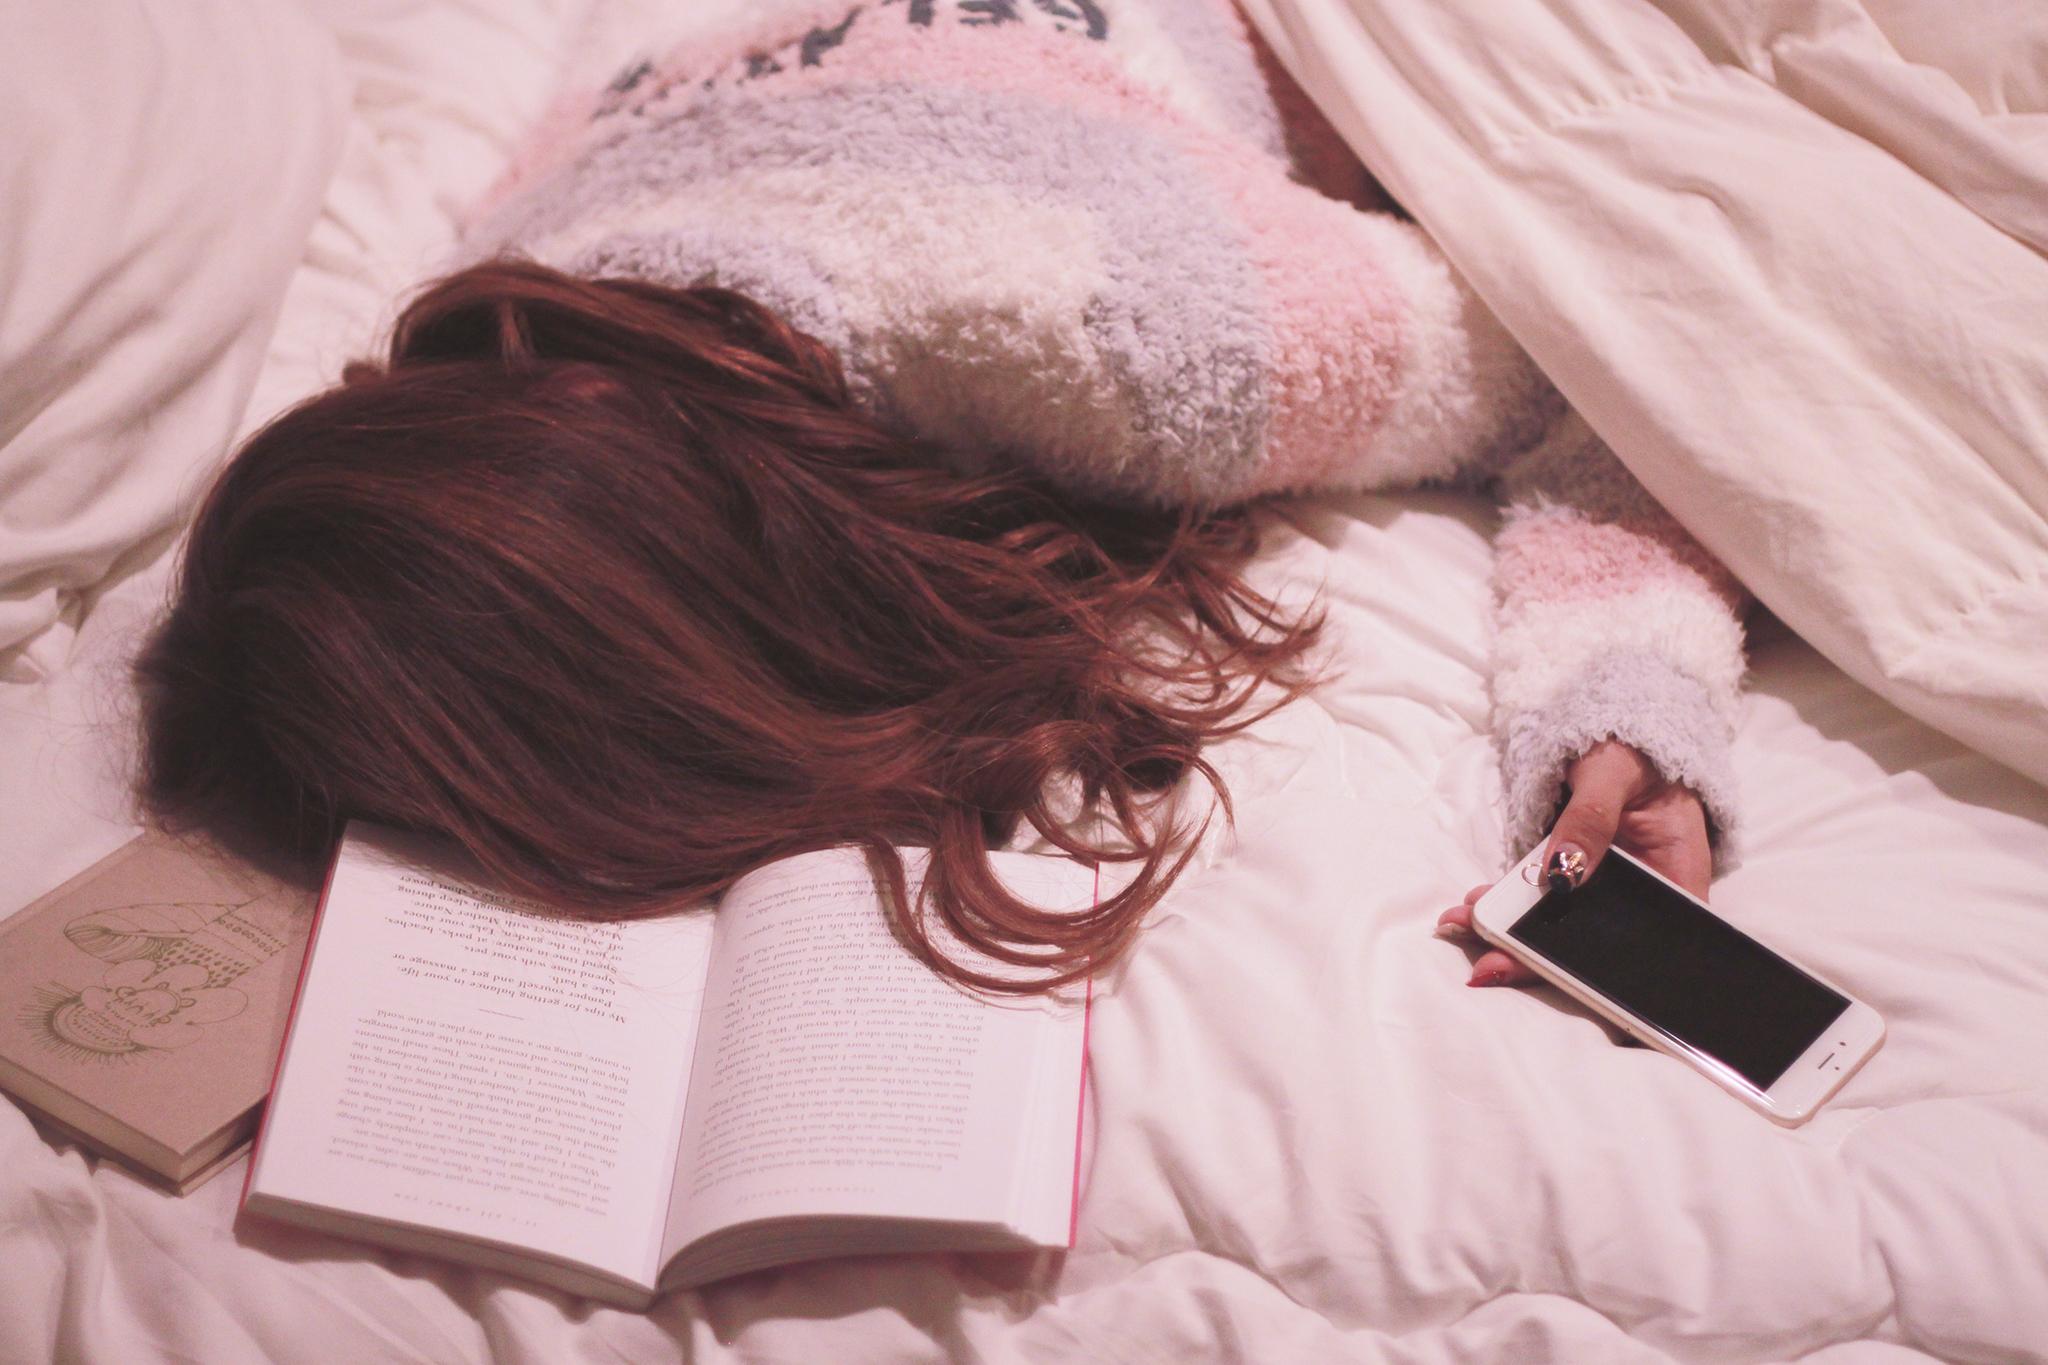 不眠症の私が快眠できるようになった【寝る前に実践した3つのこと】睡眠薬に頼らず寝付けるナチュラル睡眠導入法